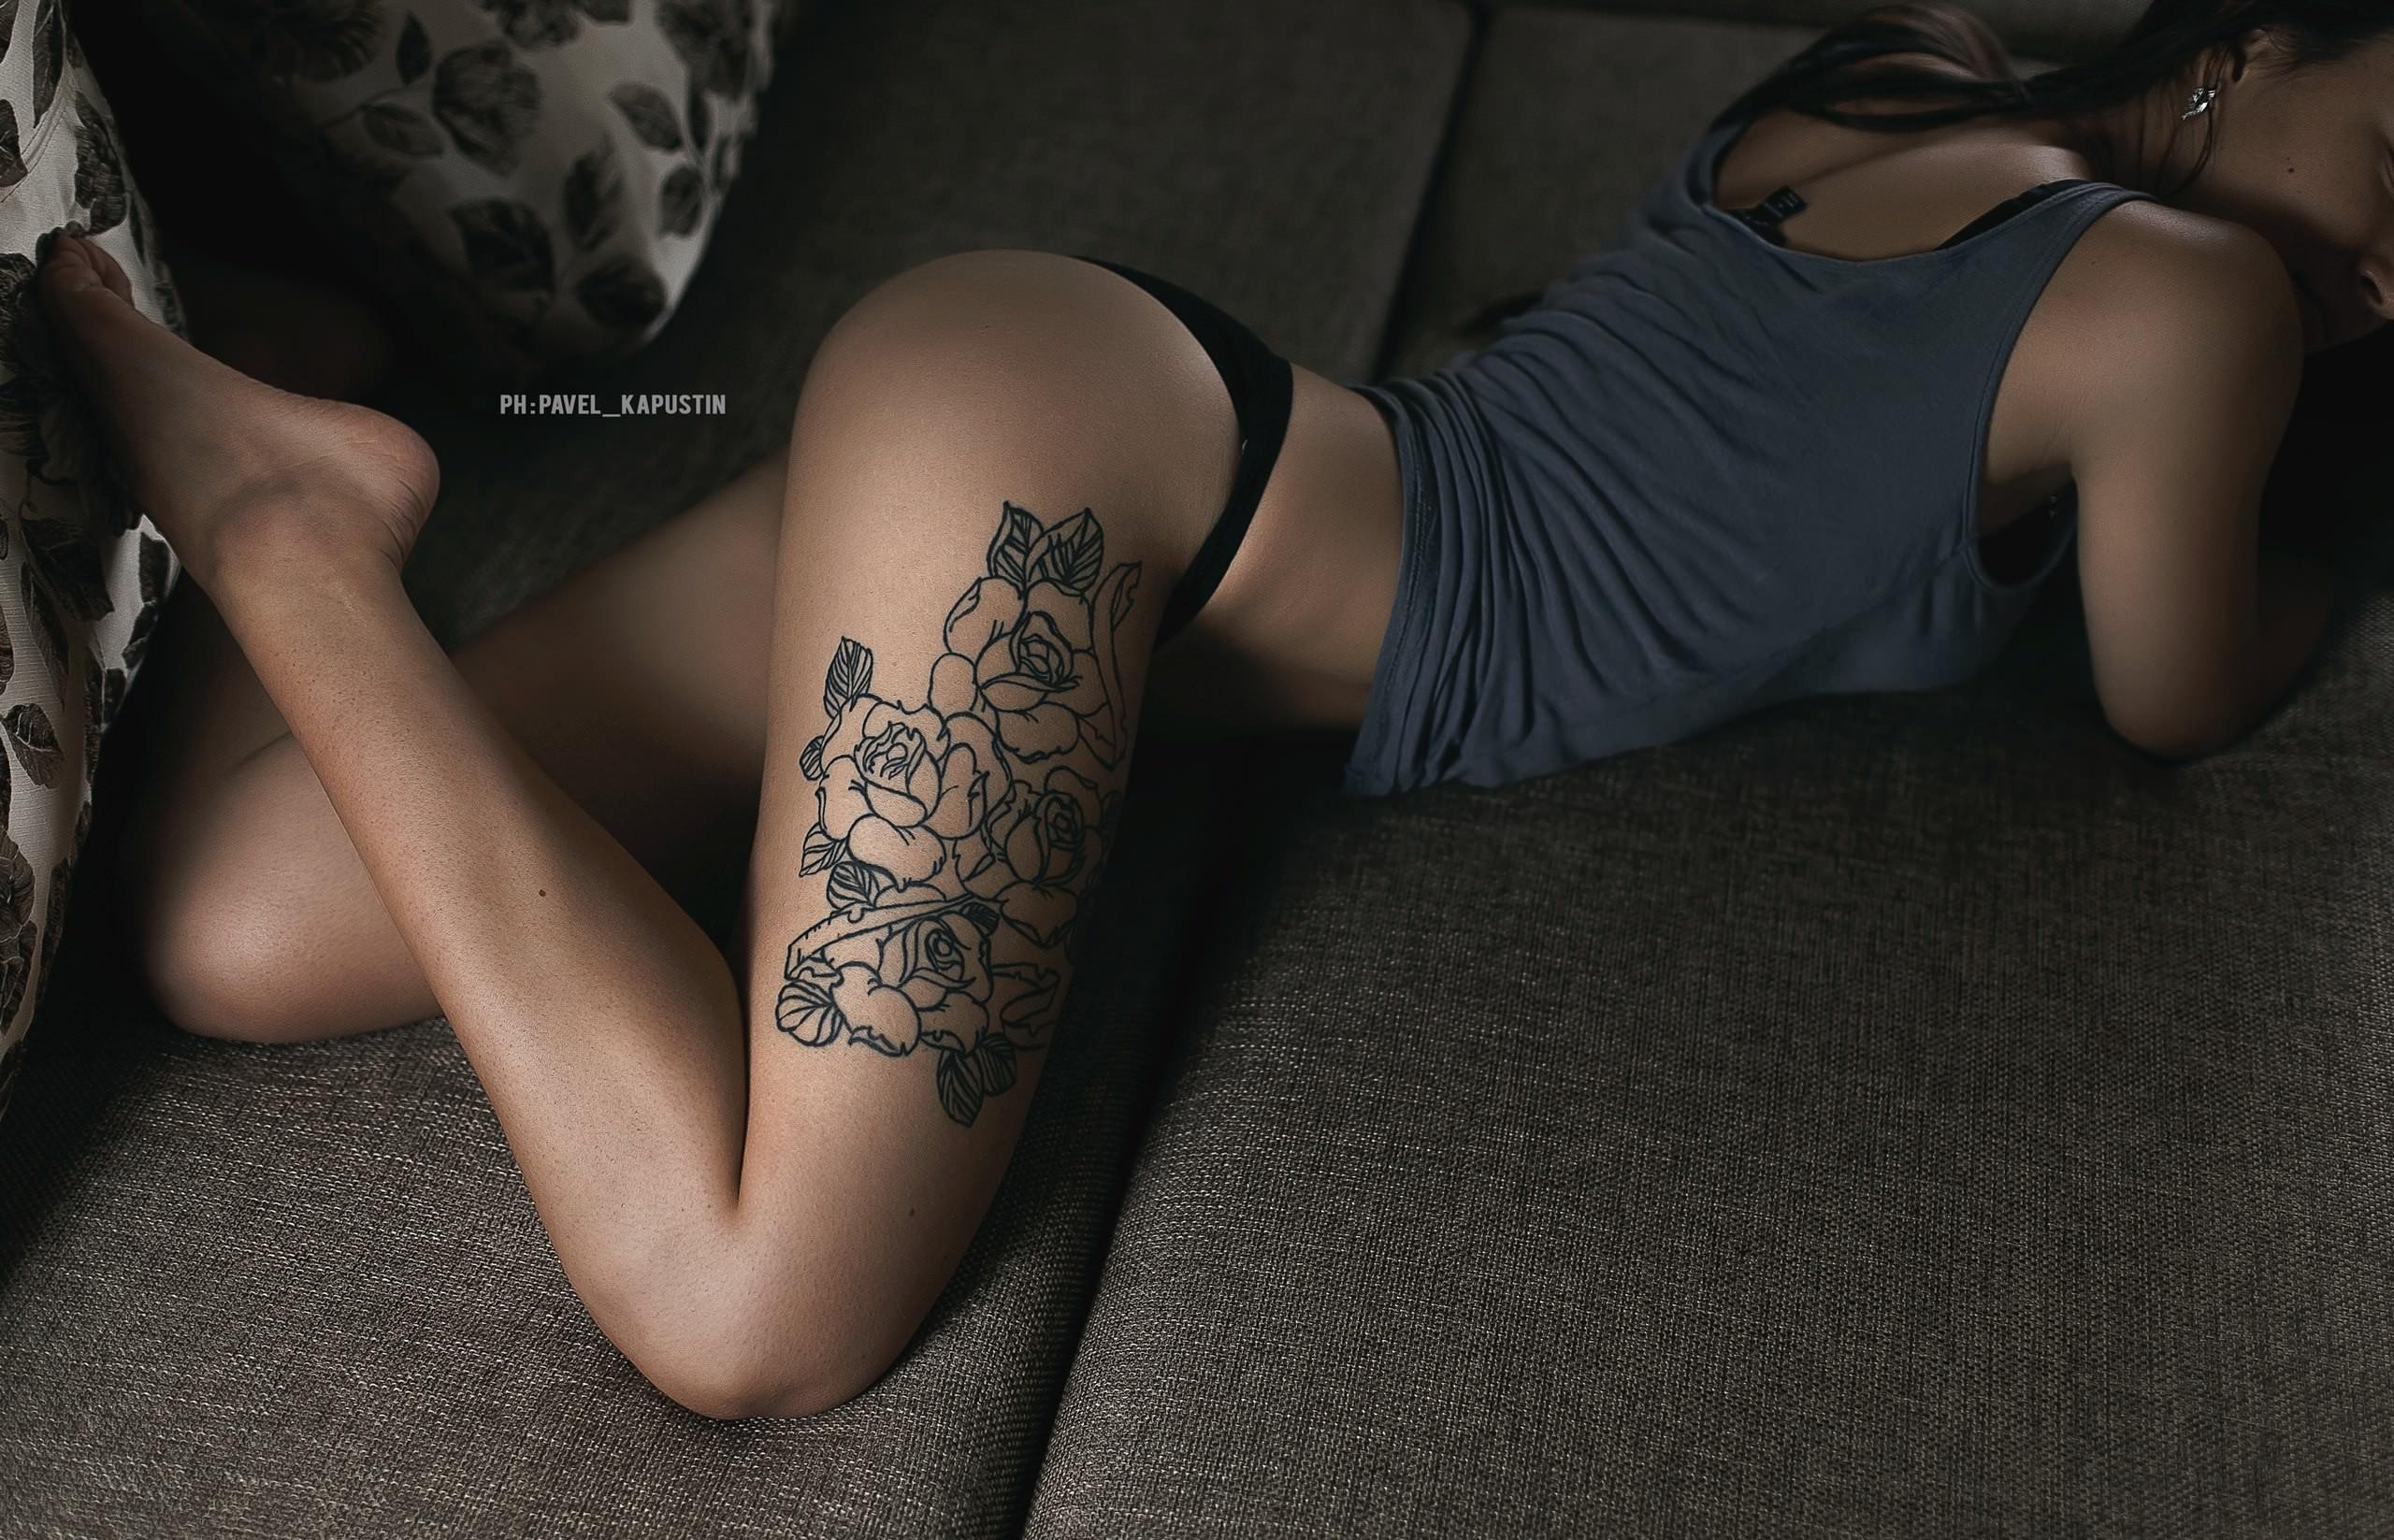 фото сексуальных тату на женских ножках - 5